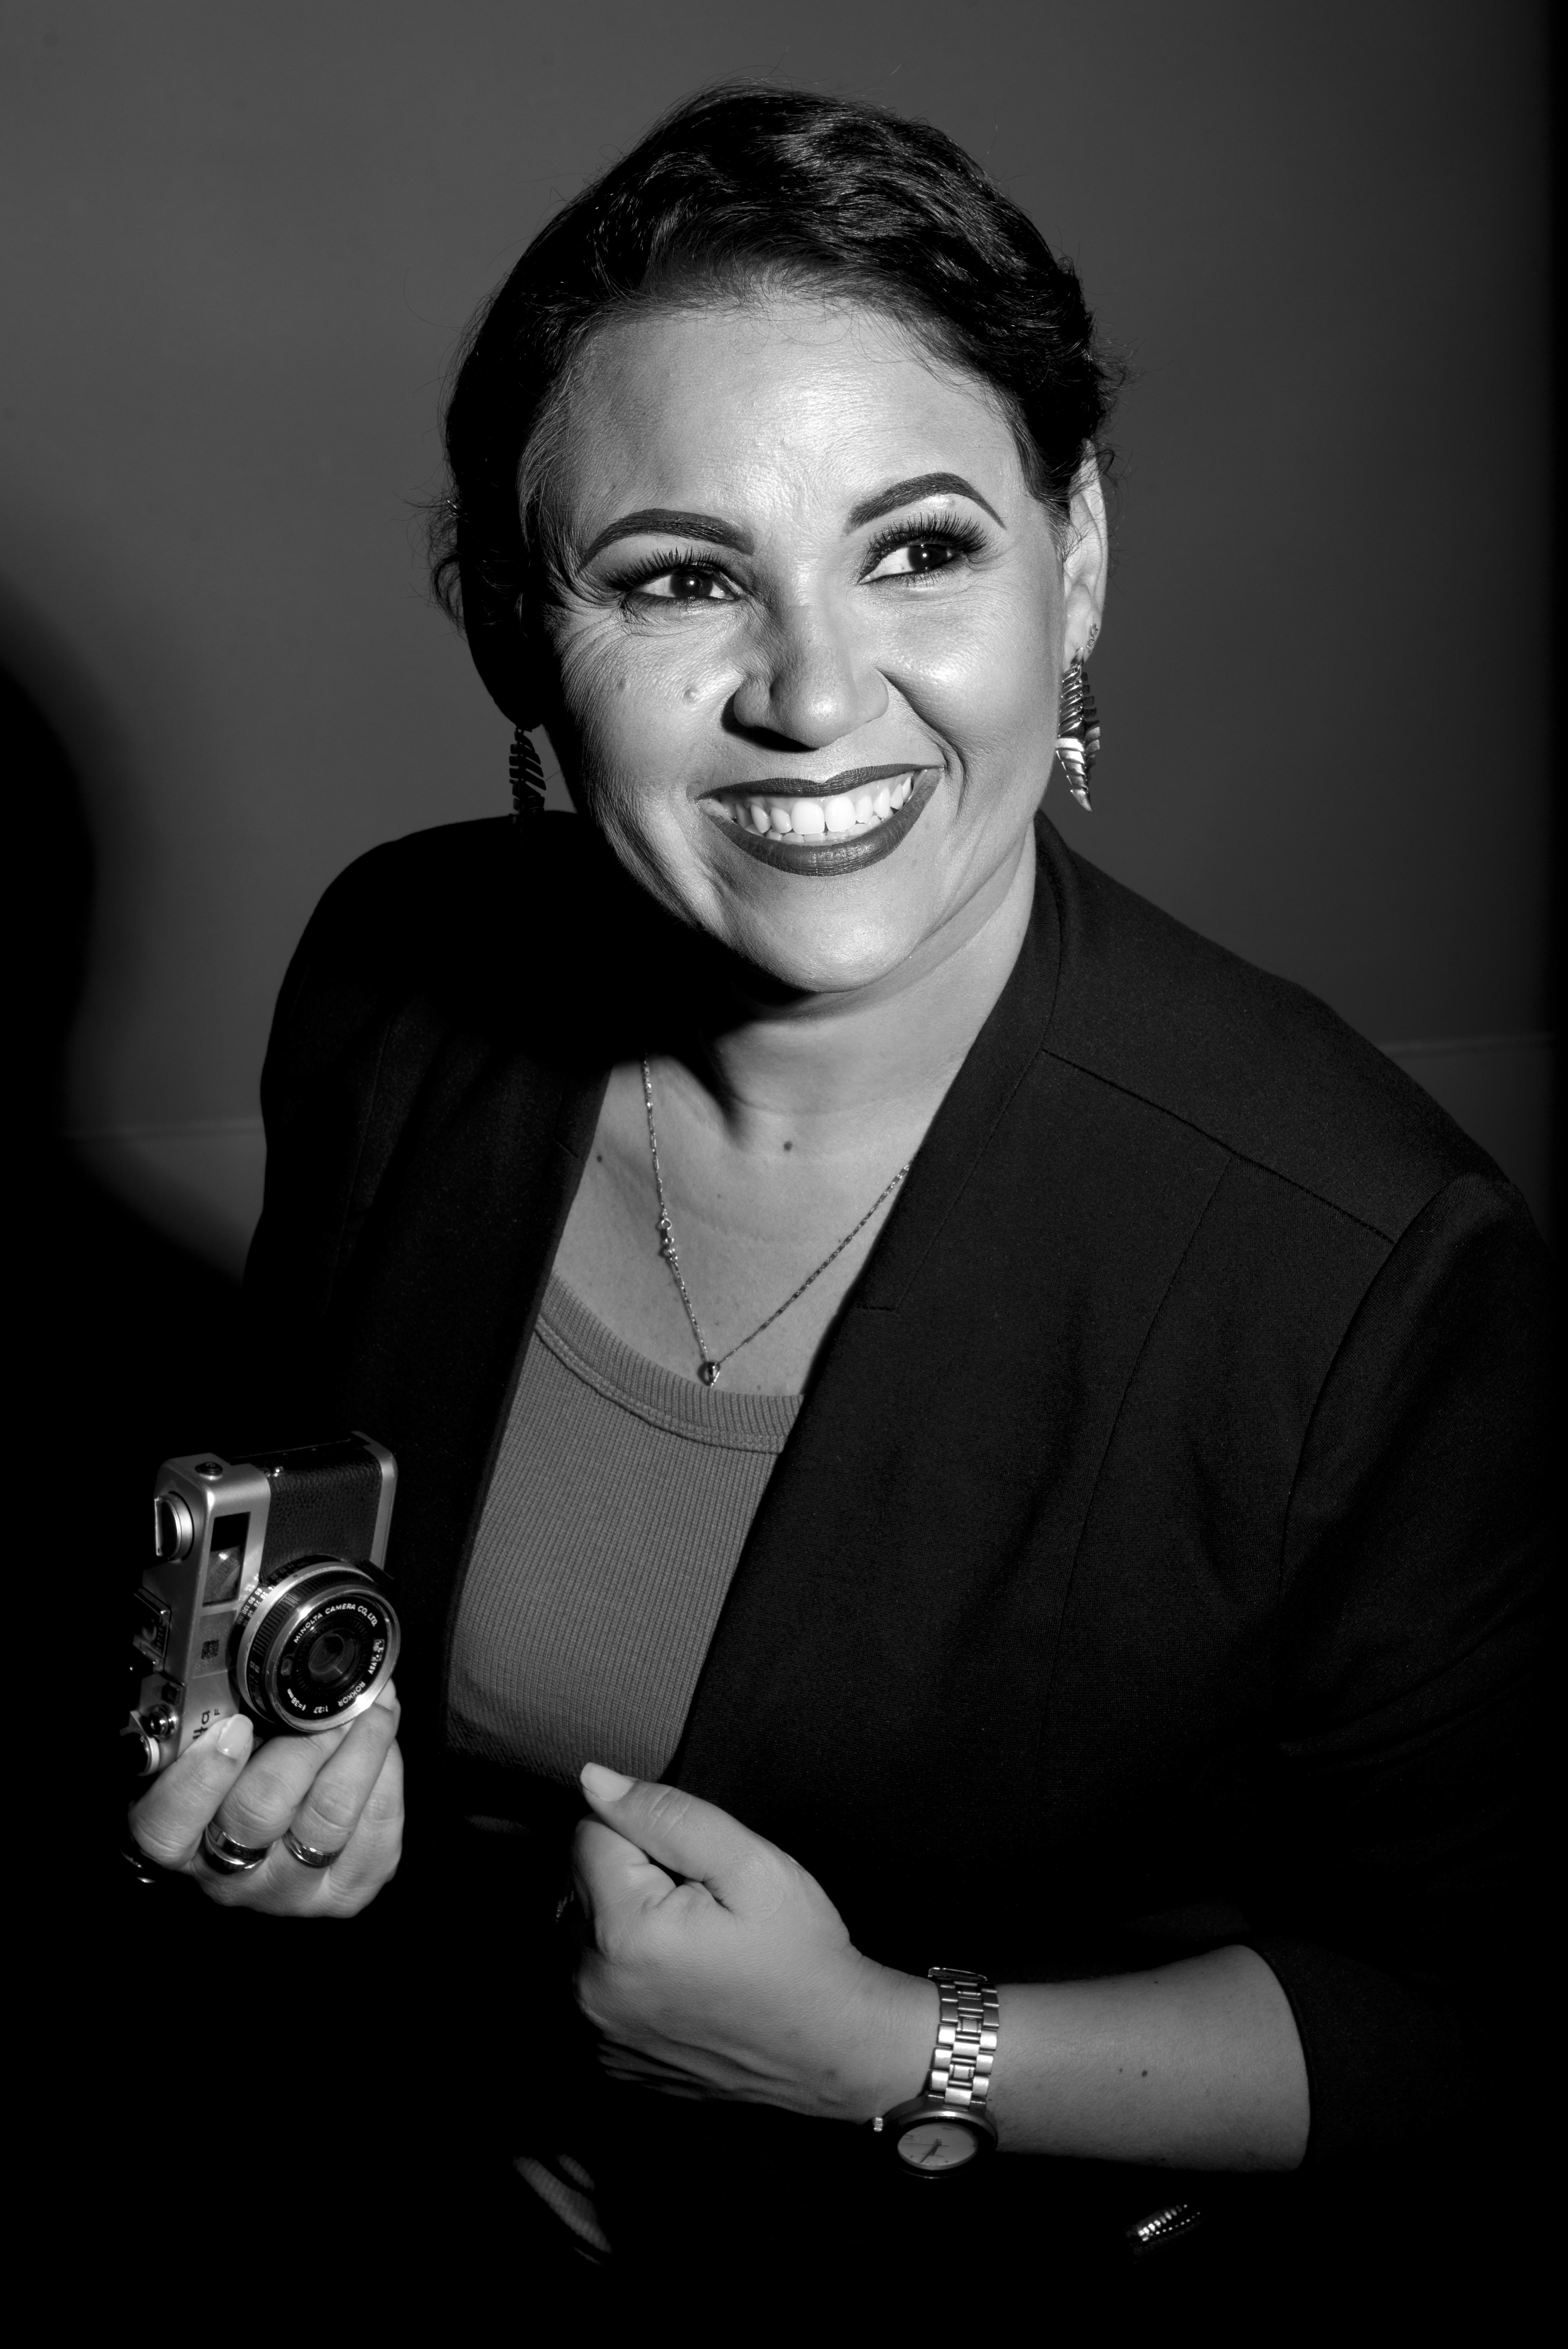 Sobre Silvia Barros Fotografia